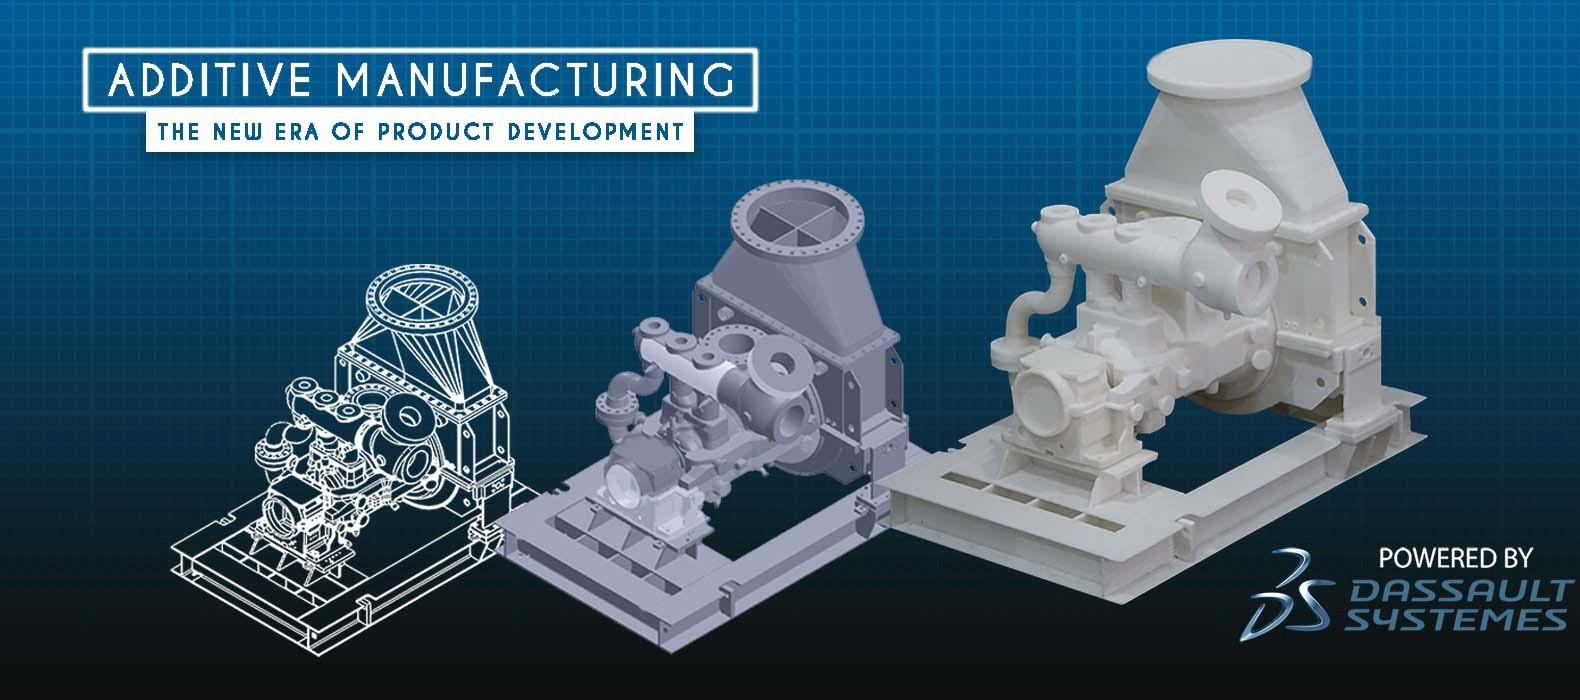 چاپ سه بعدی و نداشتن محدودیت در انتخاب هندسه